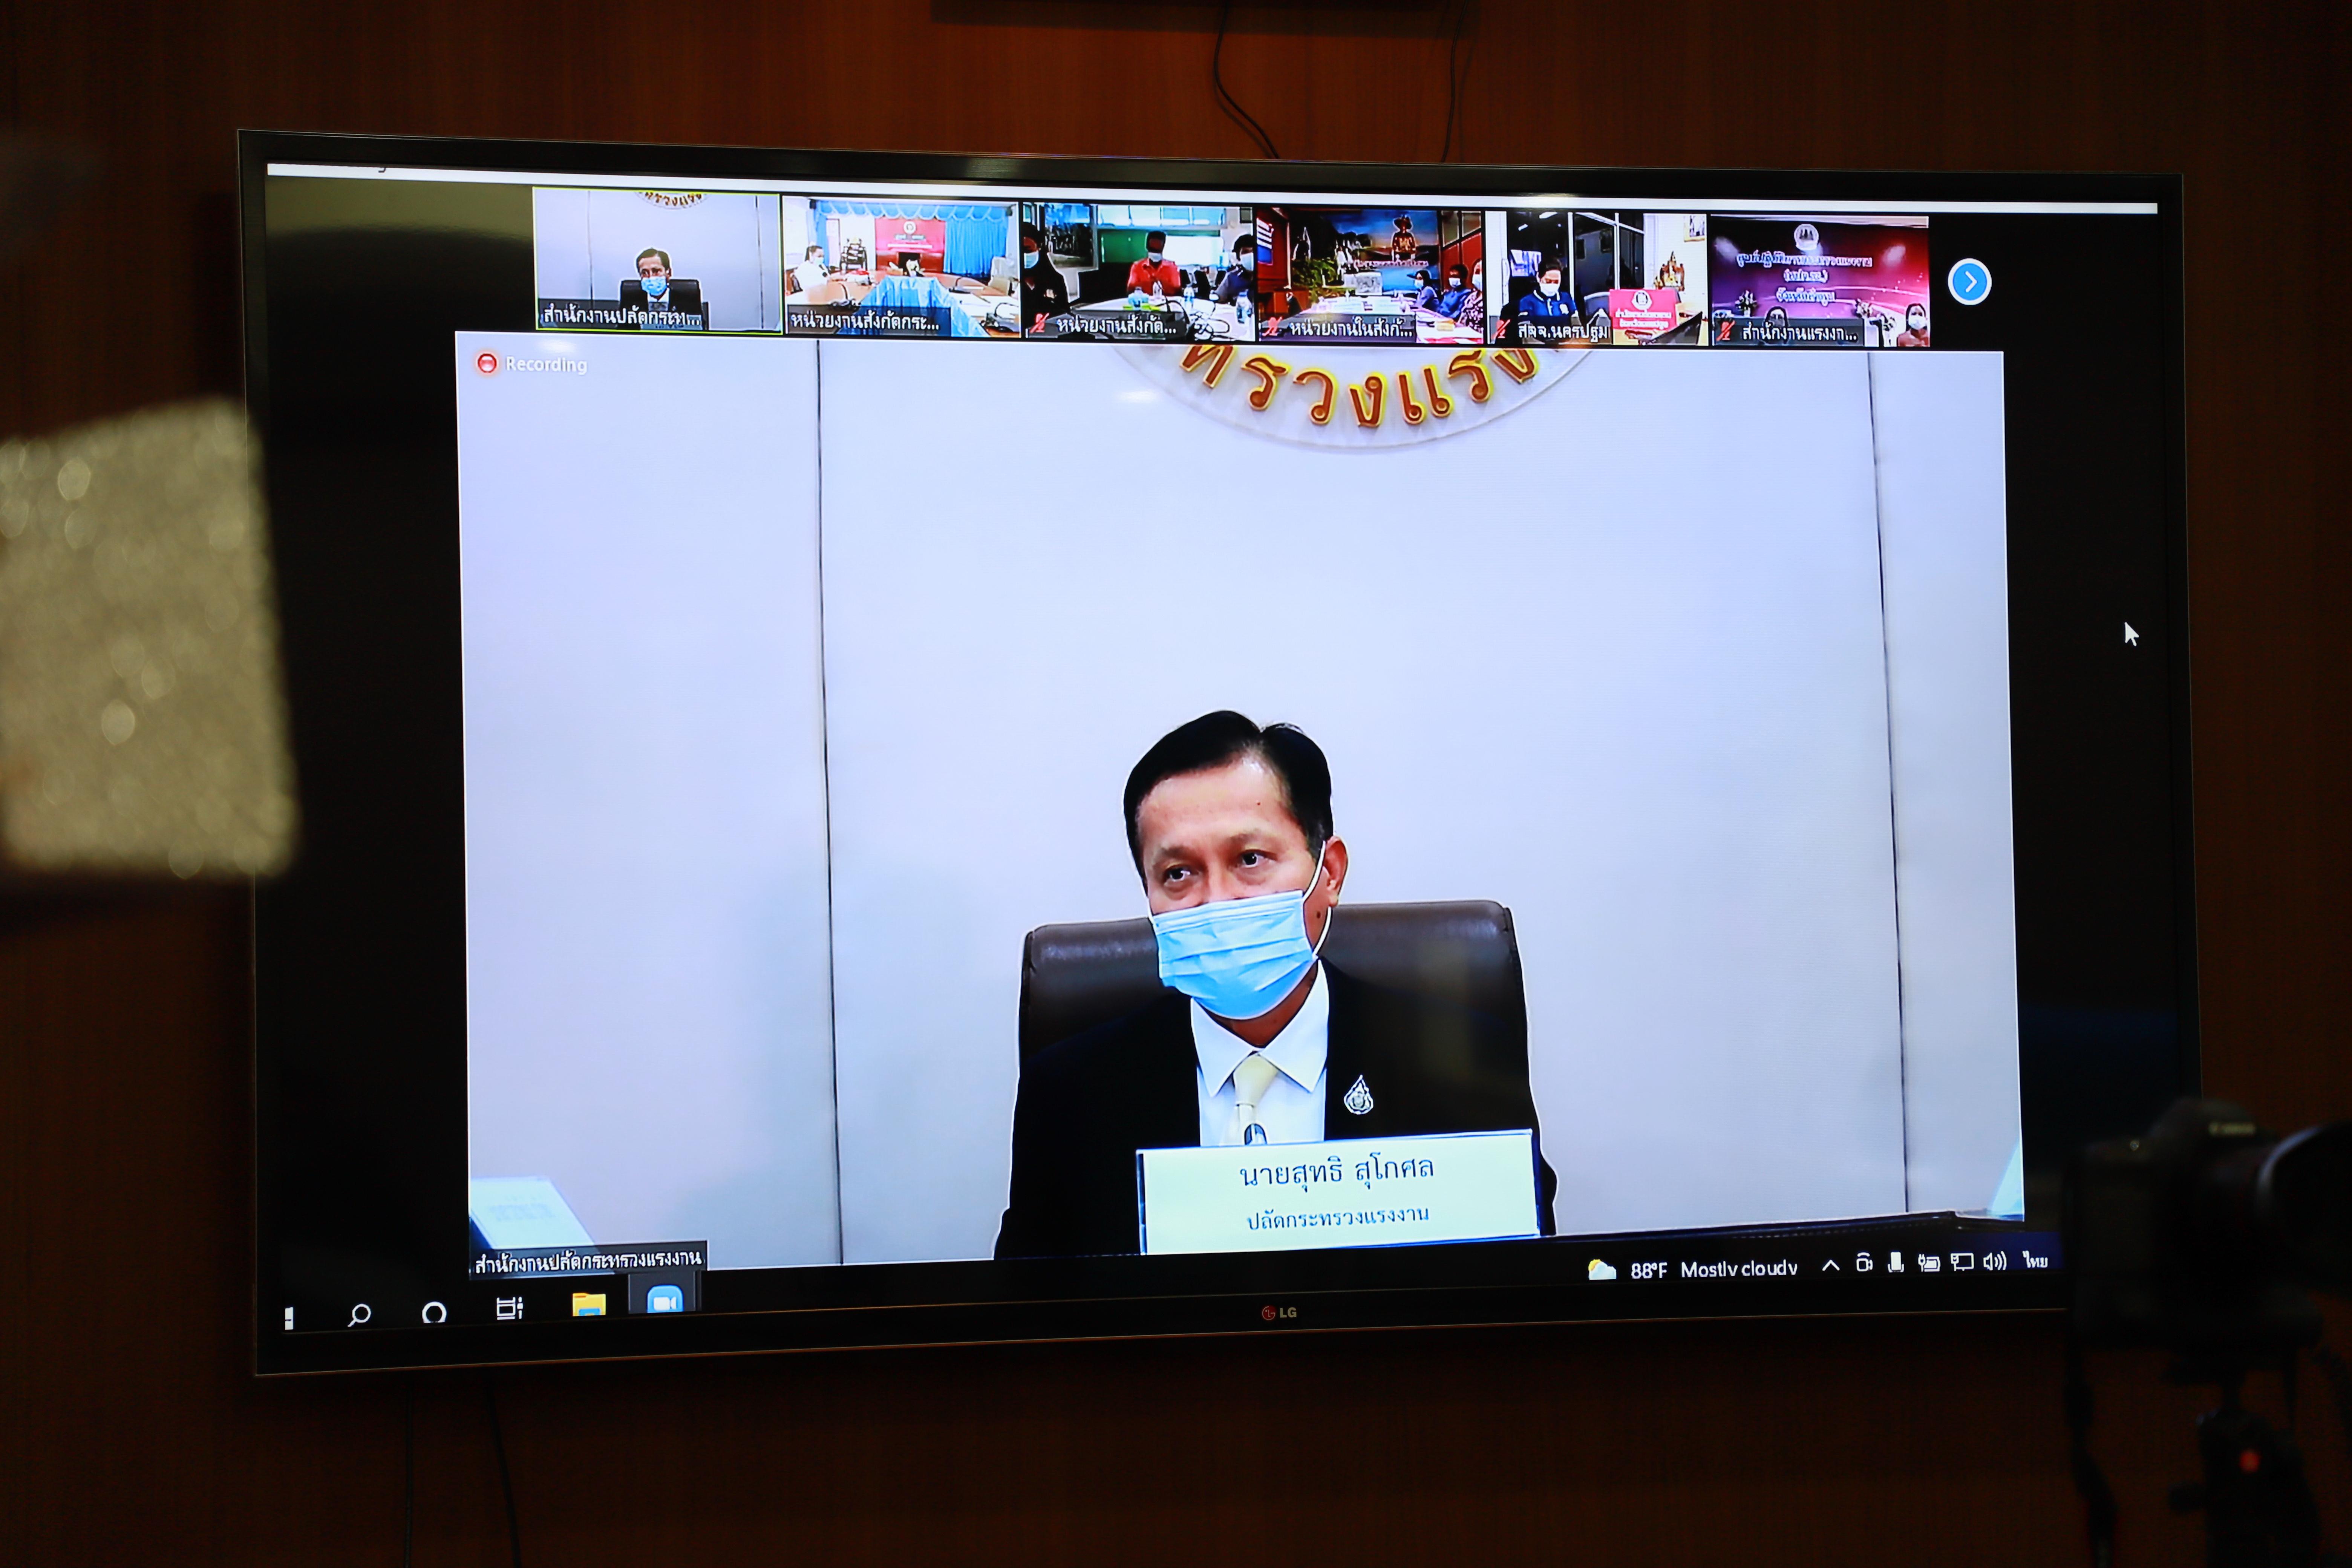 โครงการกระทรวงแรงงานร่วมขับเคลื่อนประเทศไทยให้ใสสะอาดปราศจากการทุจริต (Zero Tolerance & Clean Thailand) ประจำปีงบประมาณ 2564